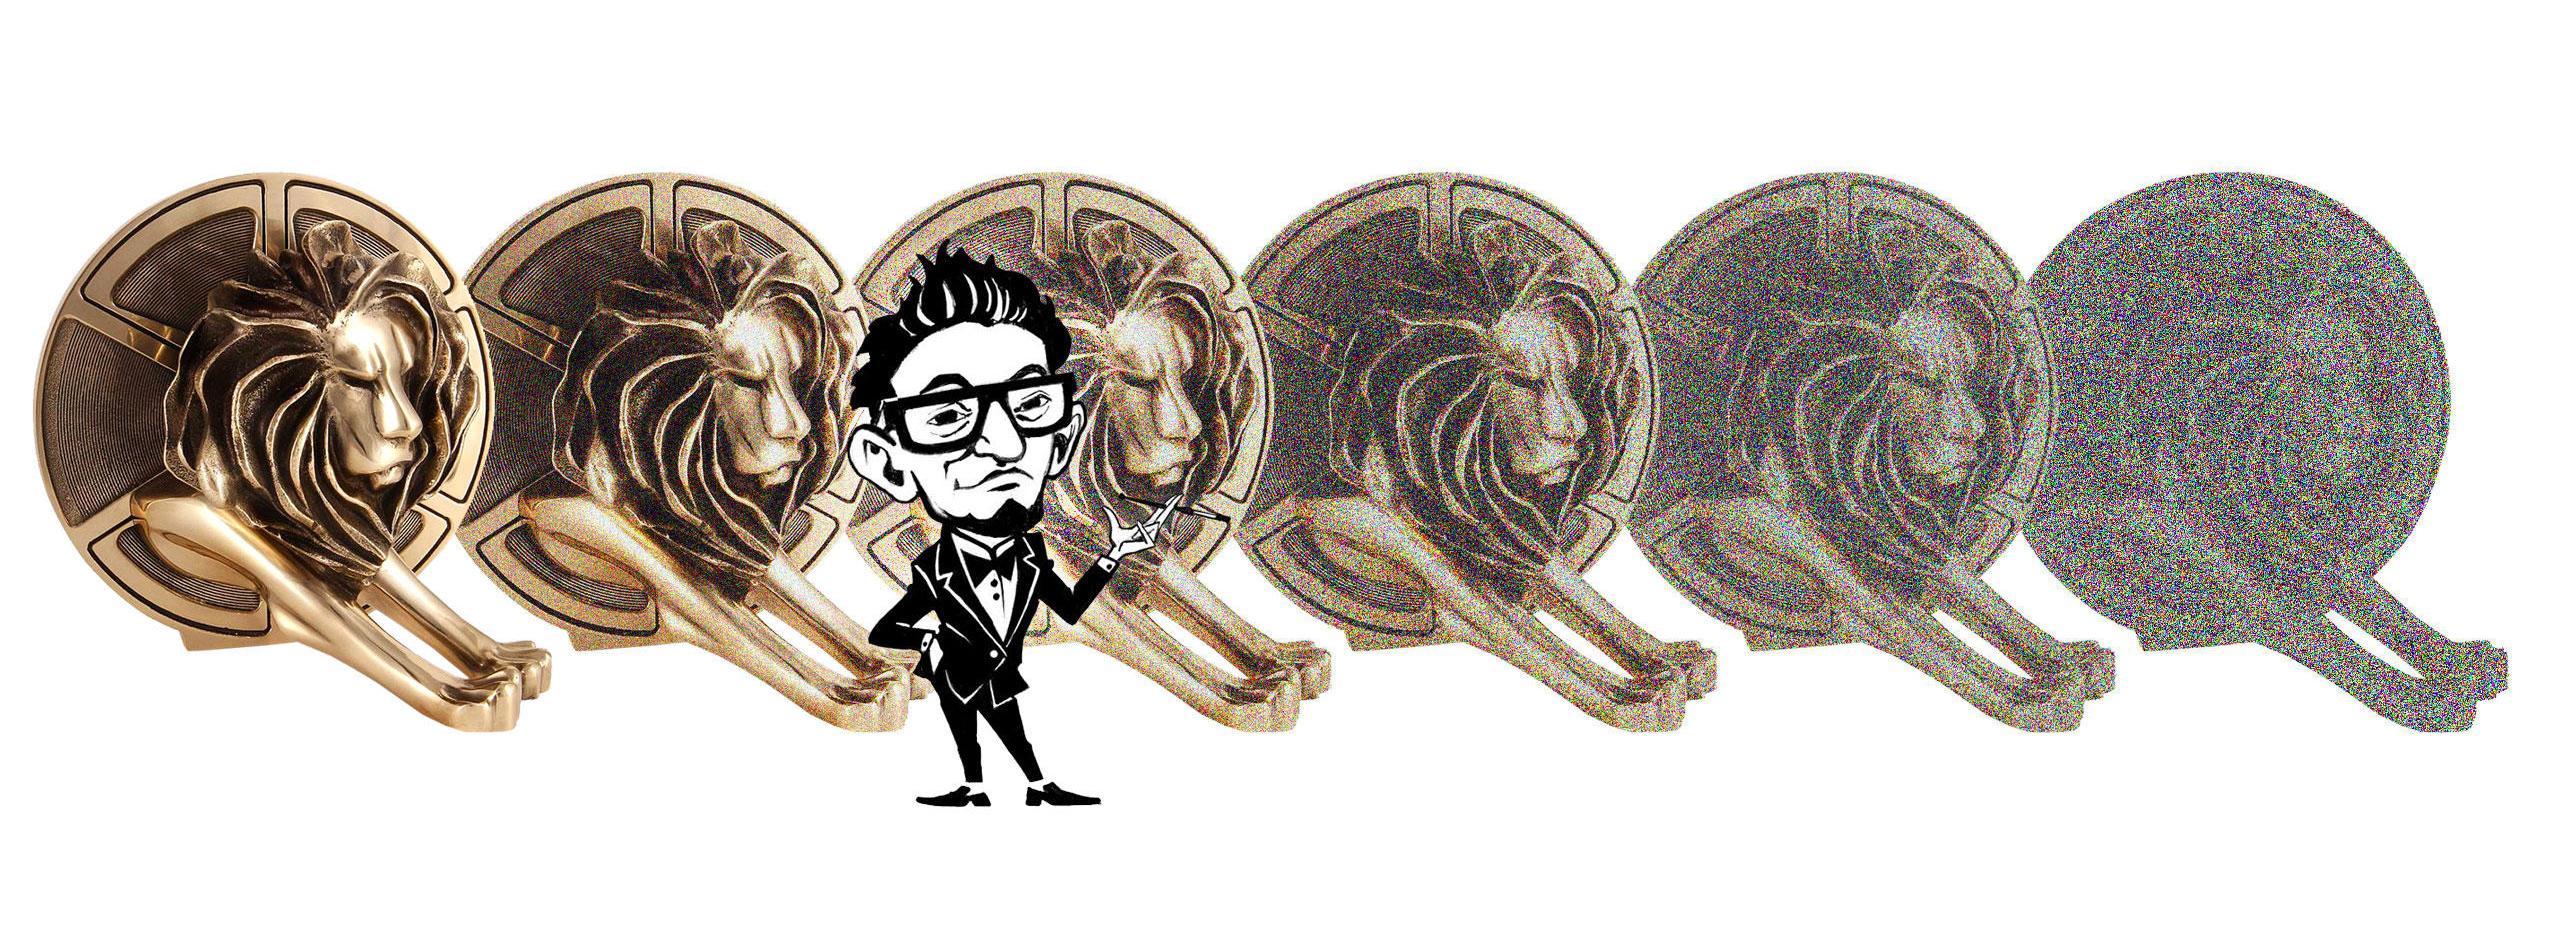 Каннский лев за вторичный креатив, или профдеформация рекламного Оскара